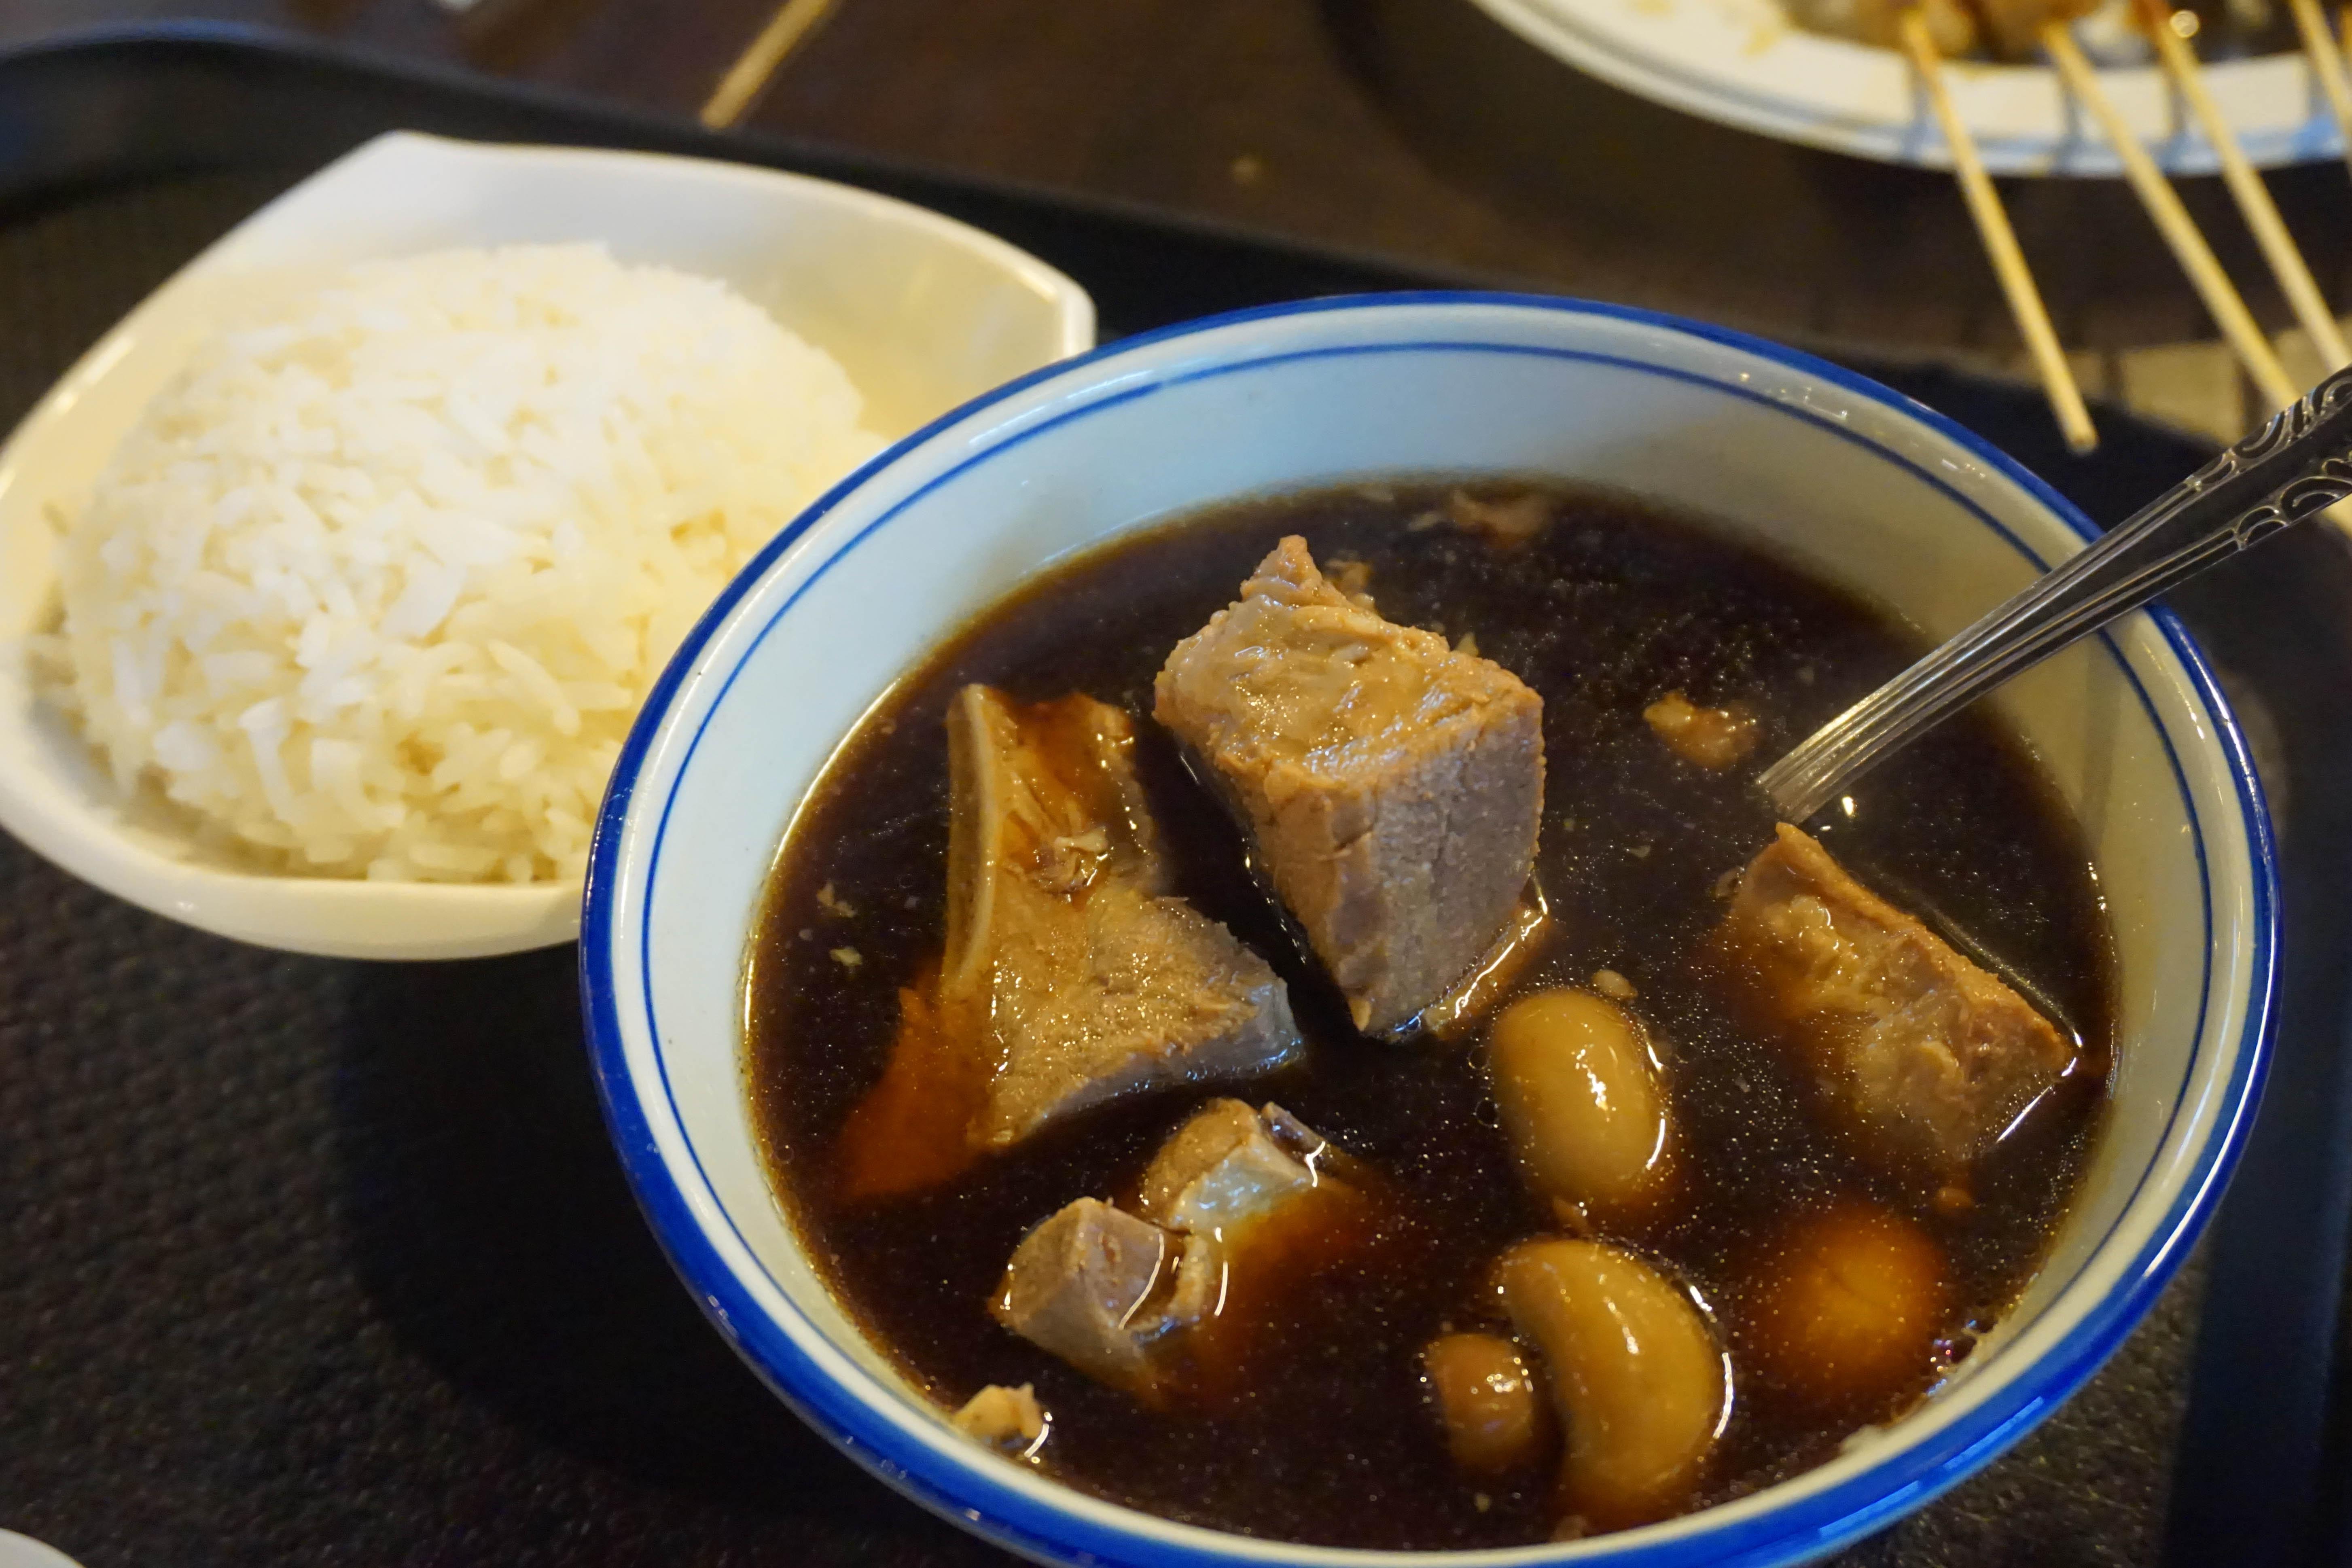 巴生肉骨茶 新加坡名勝世界馬來西亞美食街